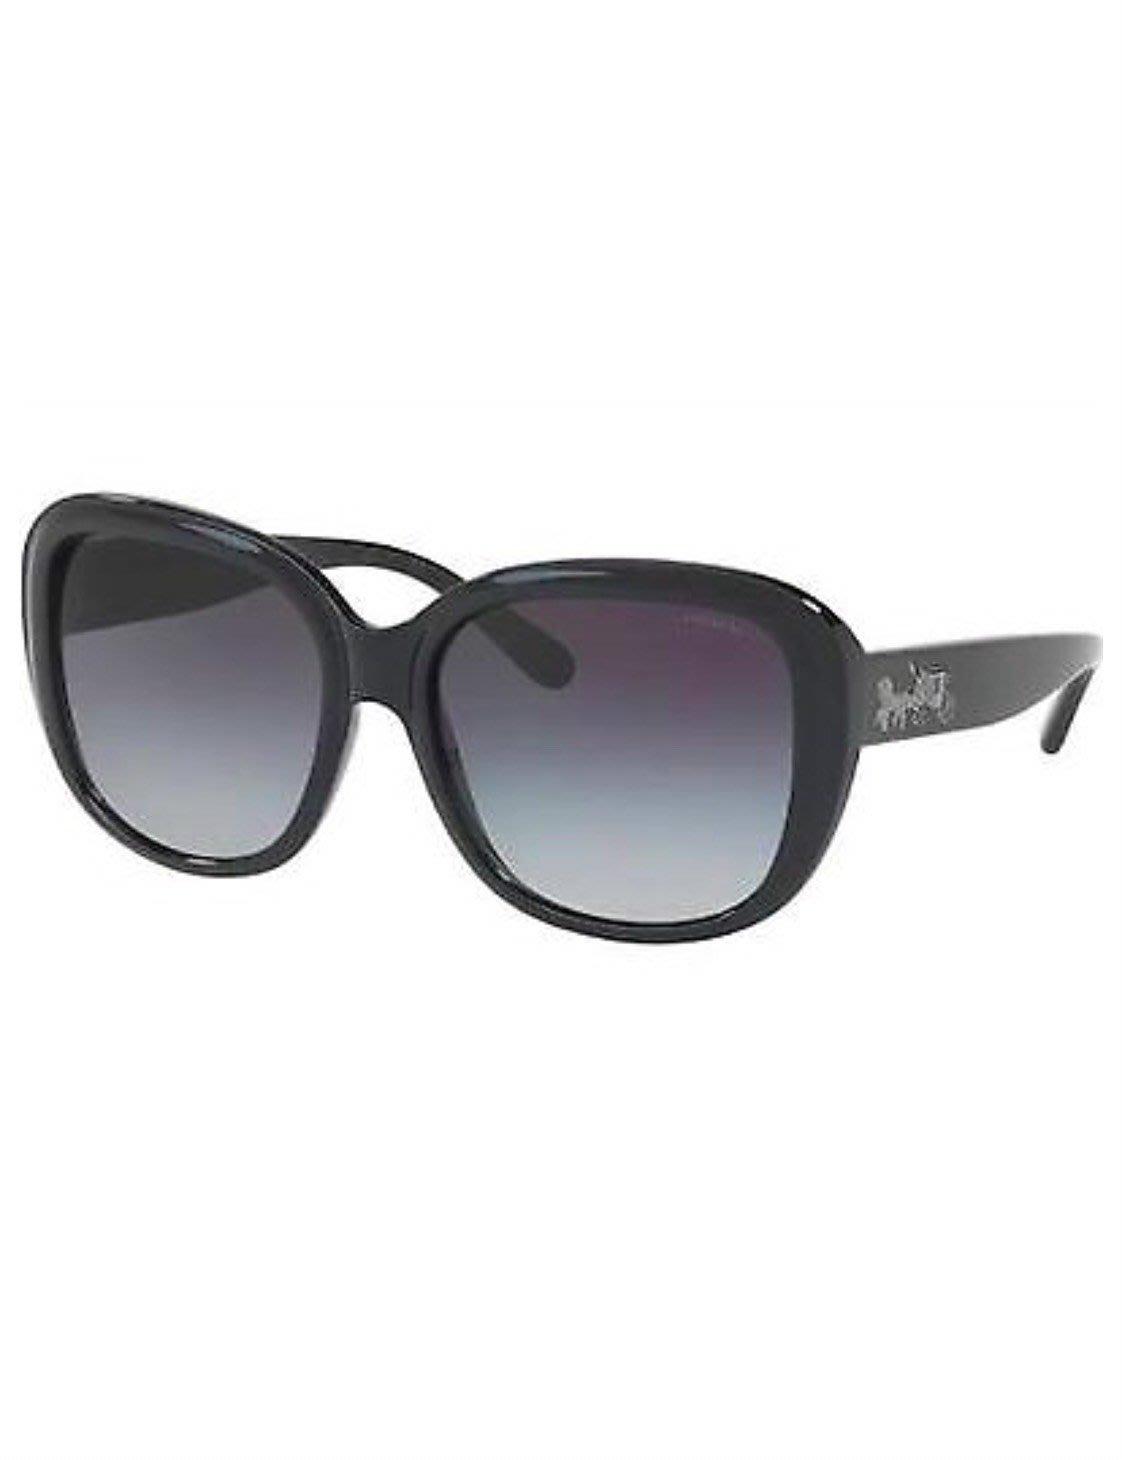 專櫃正品 COACH 太陽眼鏡 HC 8207F (L1645) 542011 Black/Black